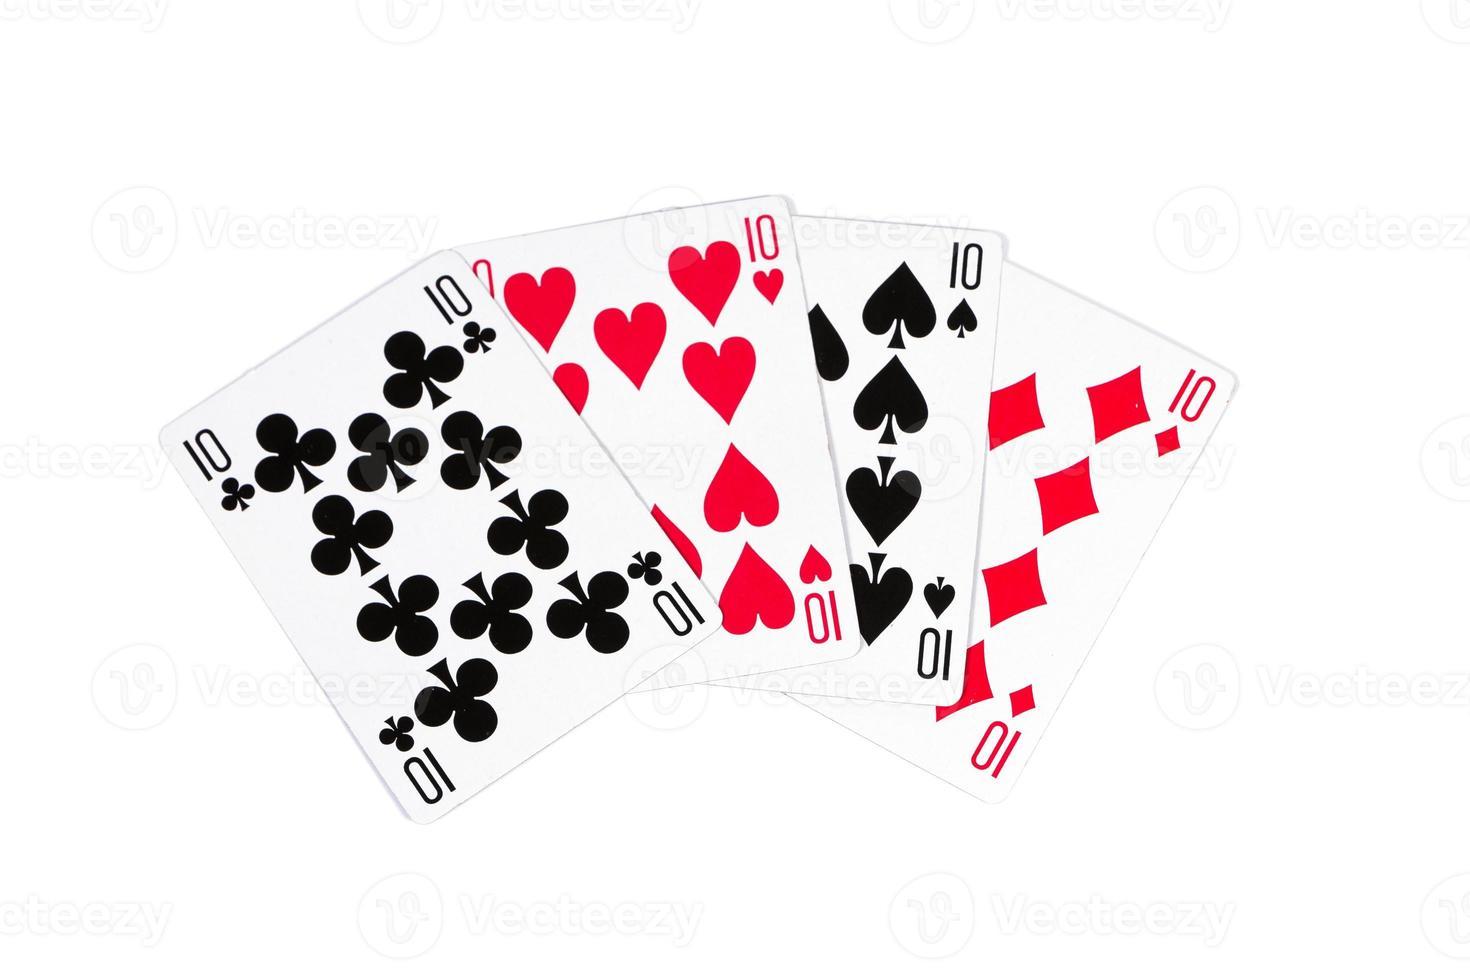 cartas de póker foto